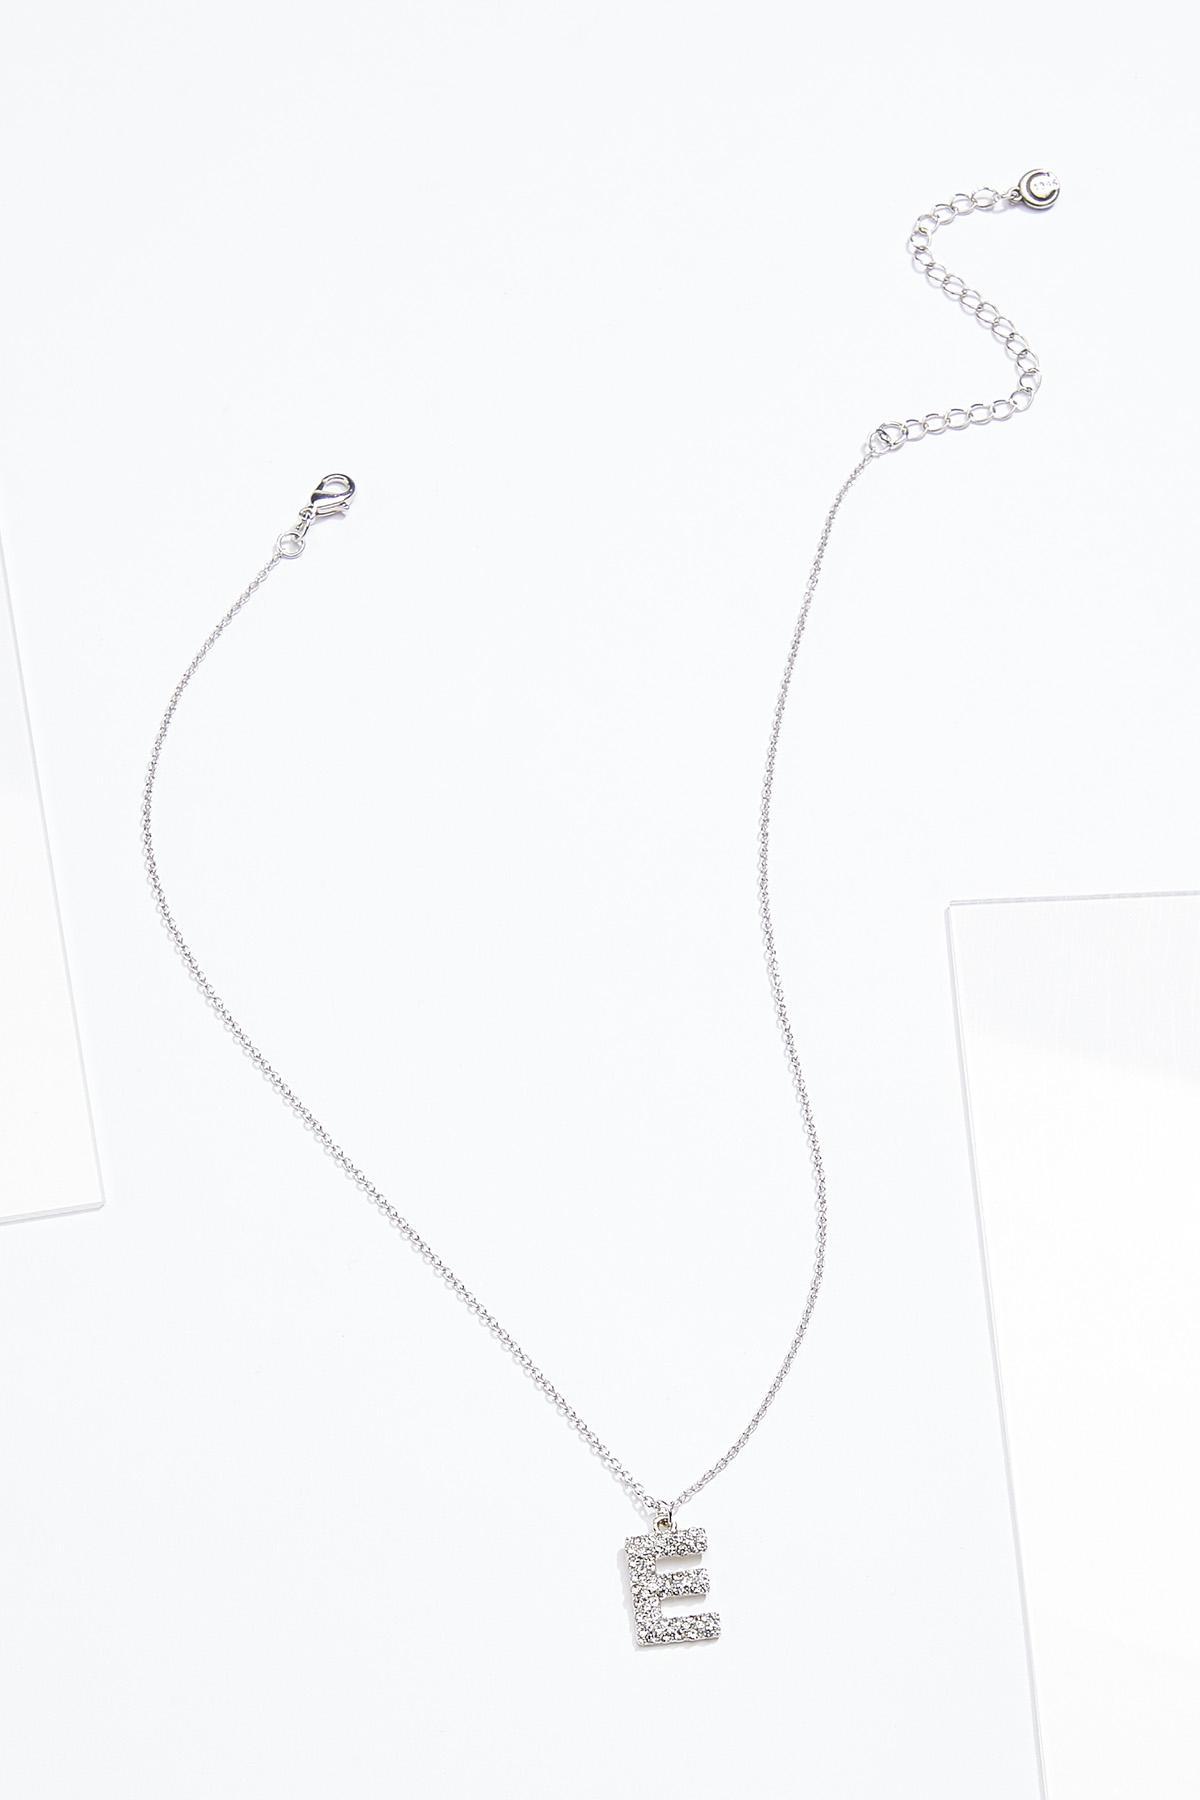 Rhinestone E Pendant Necklace